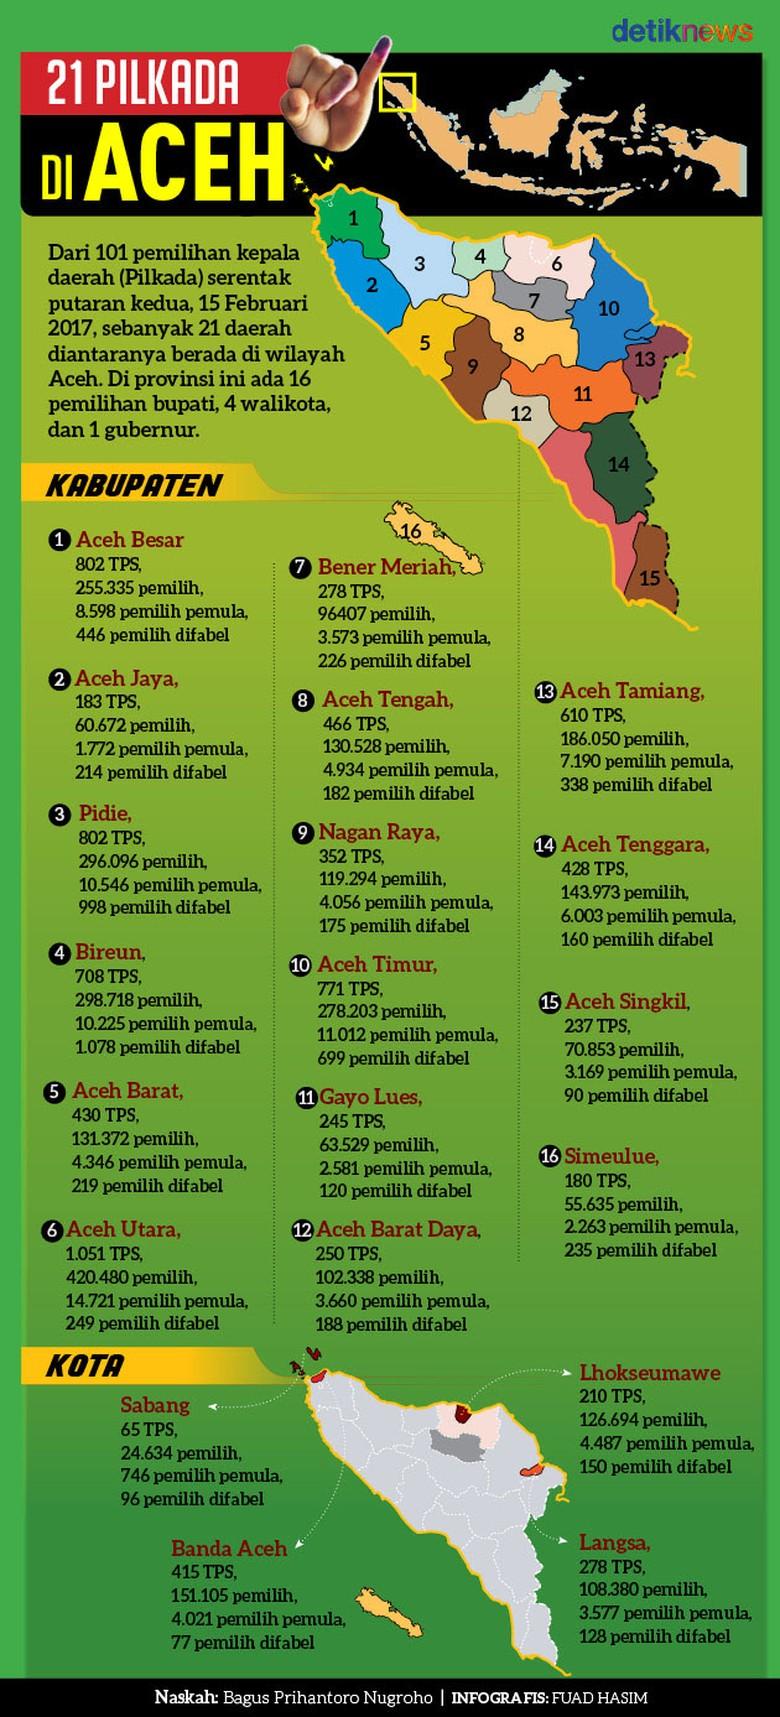 21 Pilkada di Aceh